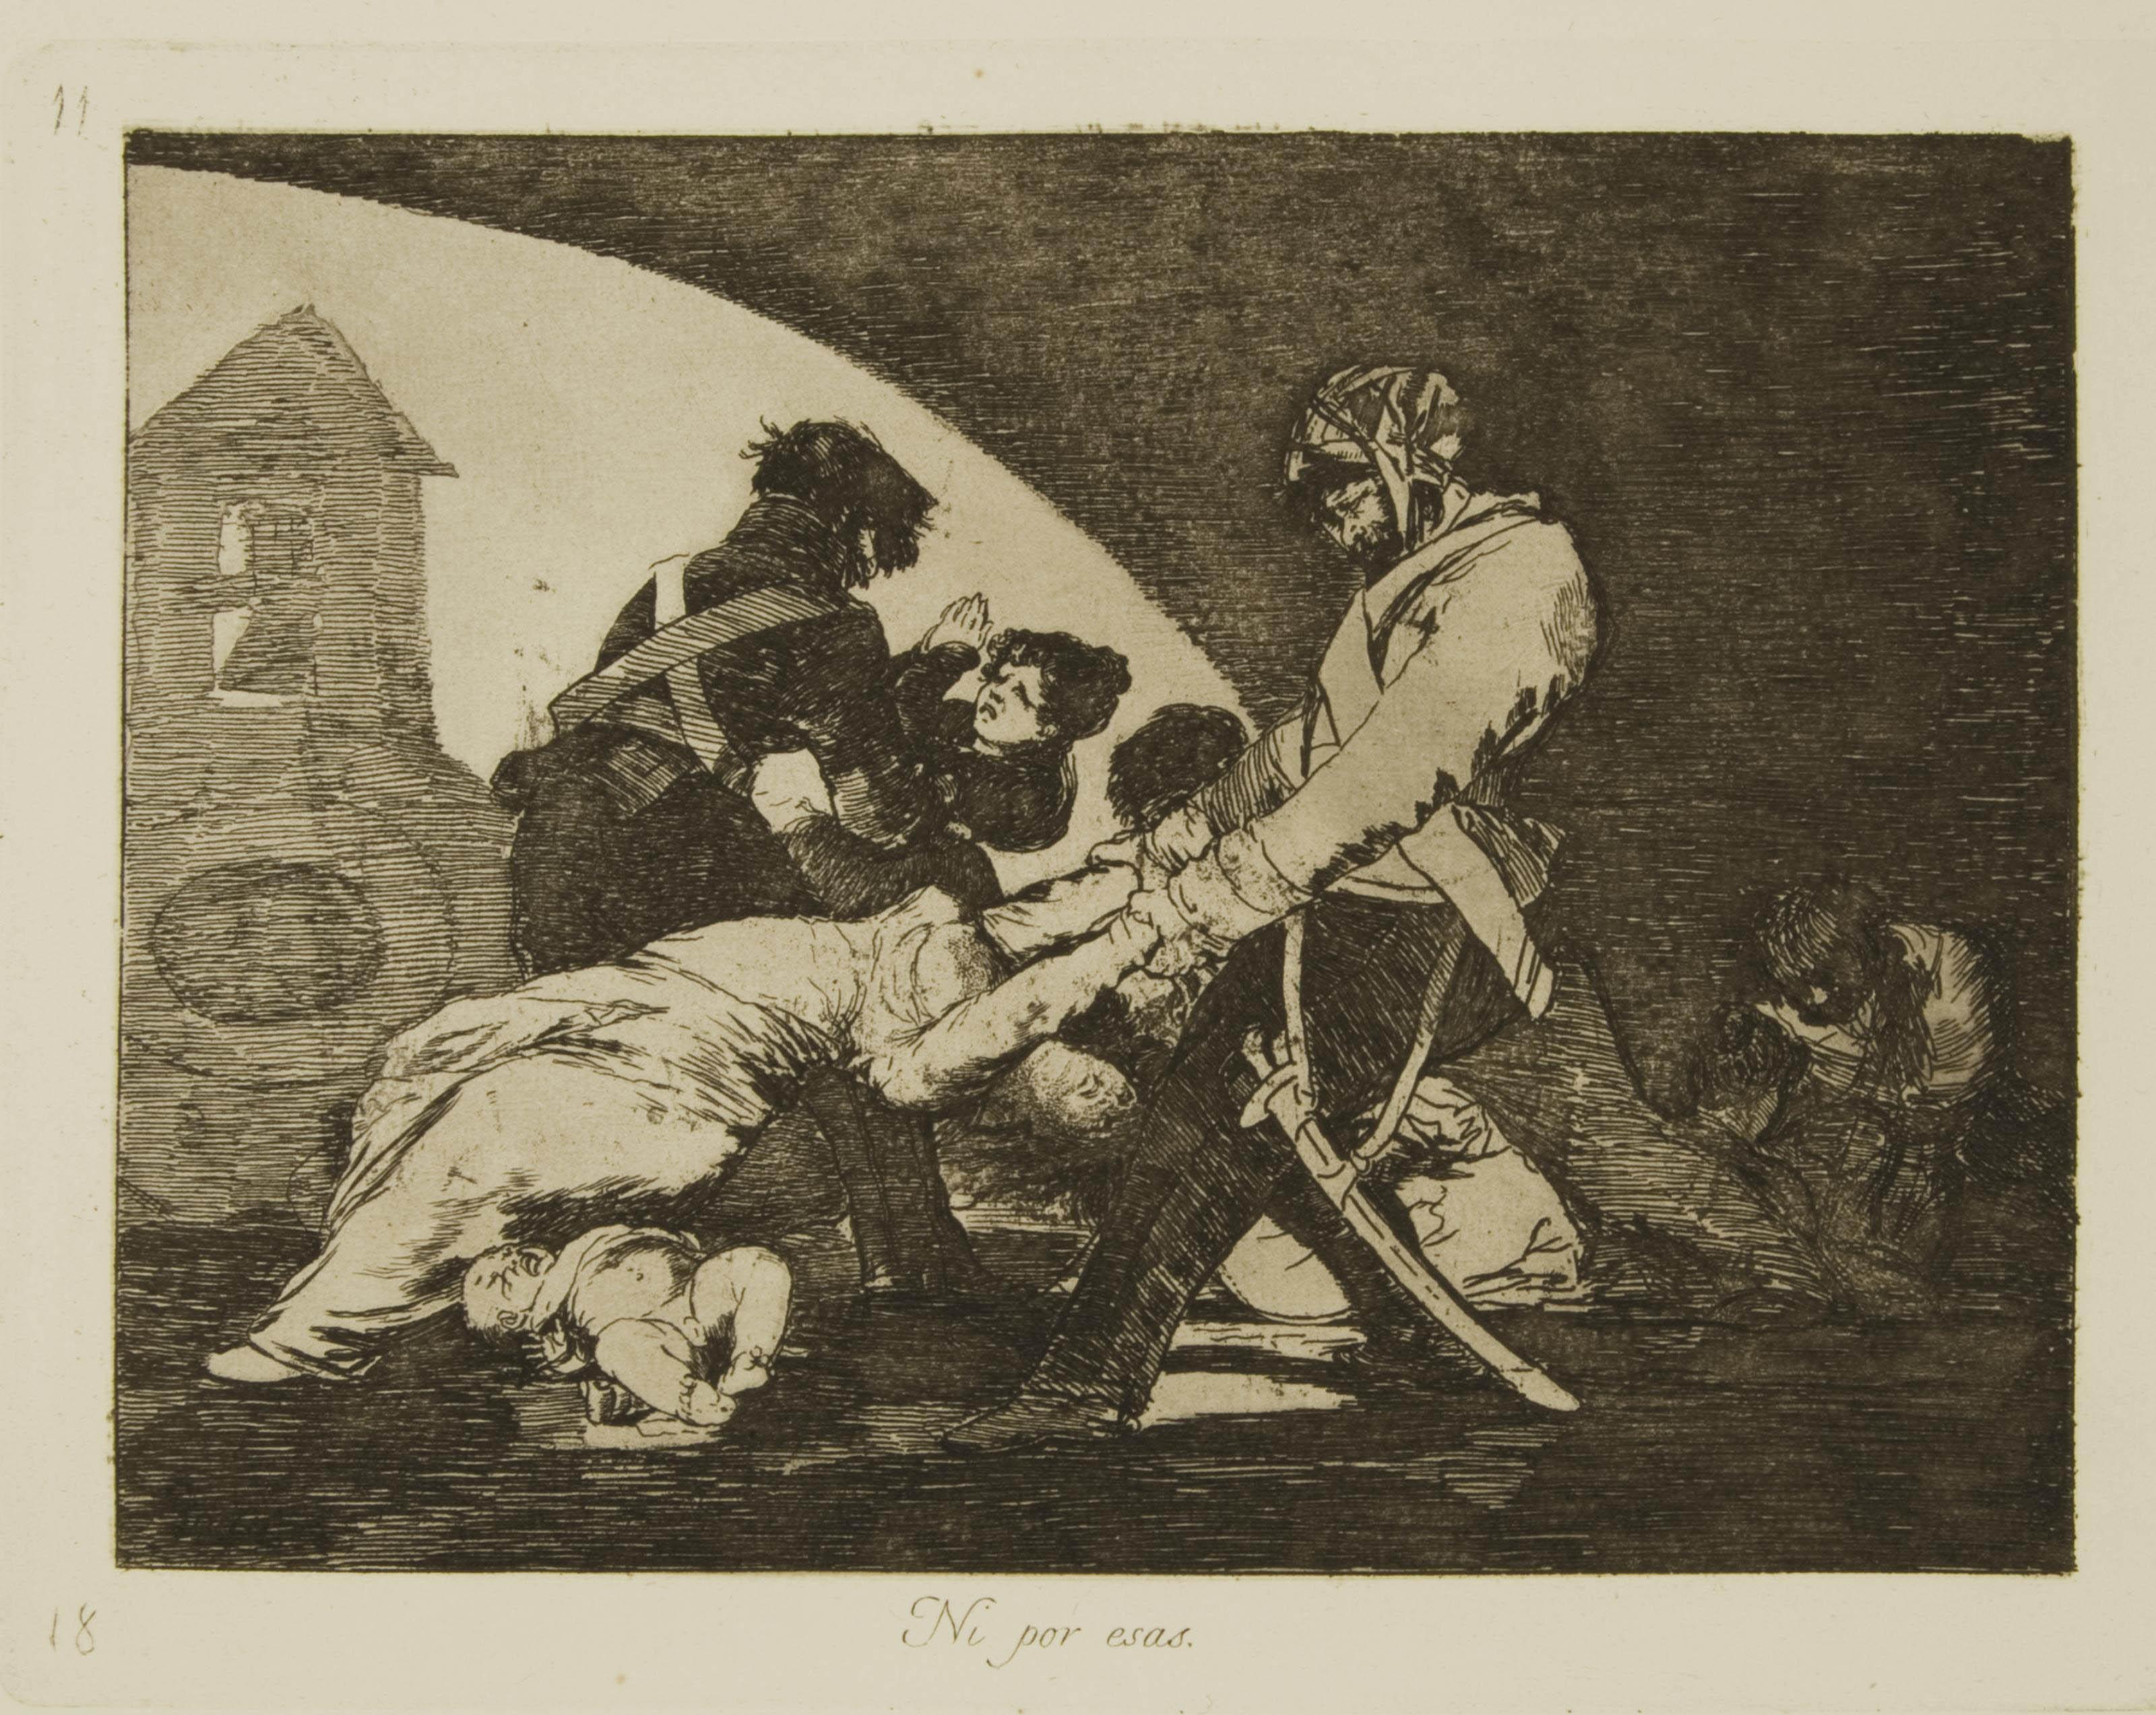 GOYA Y LUCIENTES, Francisco José de (1746-1828). Los Desastres de la guerra. Madrid: Laurenciano Potenciano pour la Real Academia, 1863.